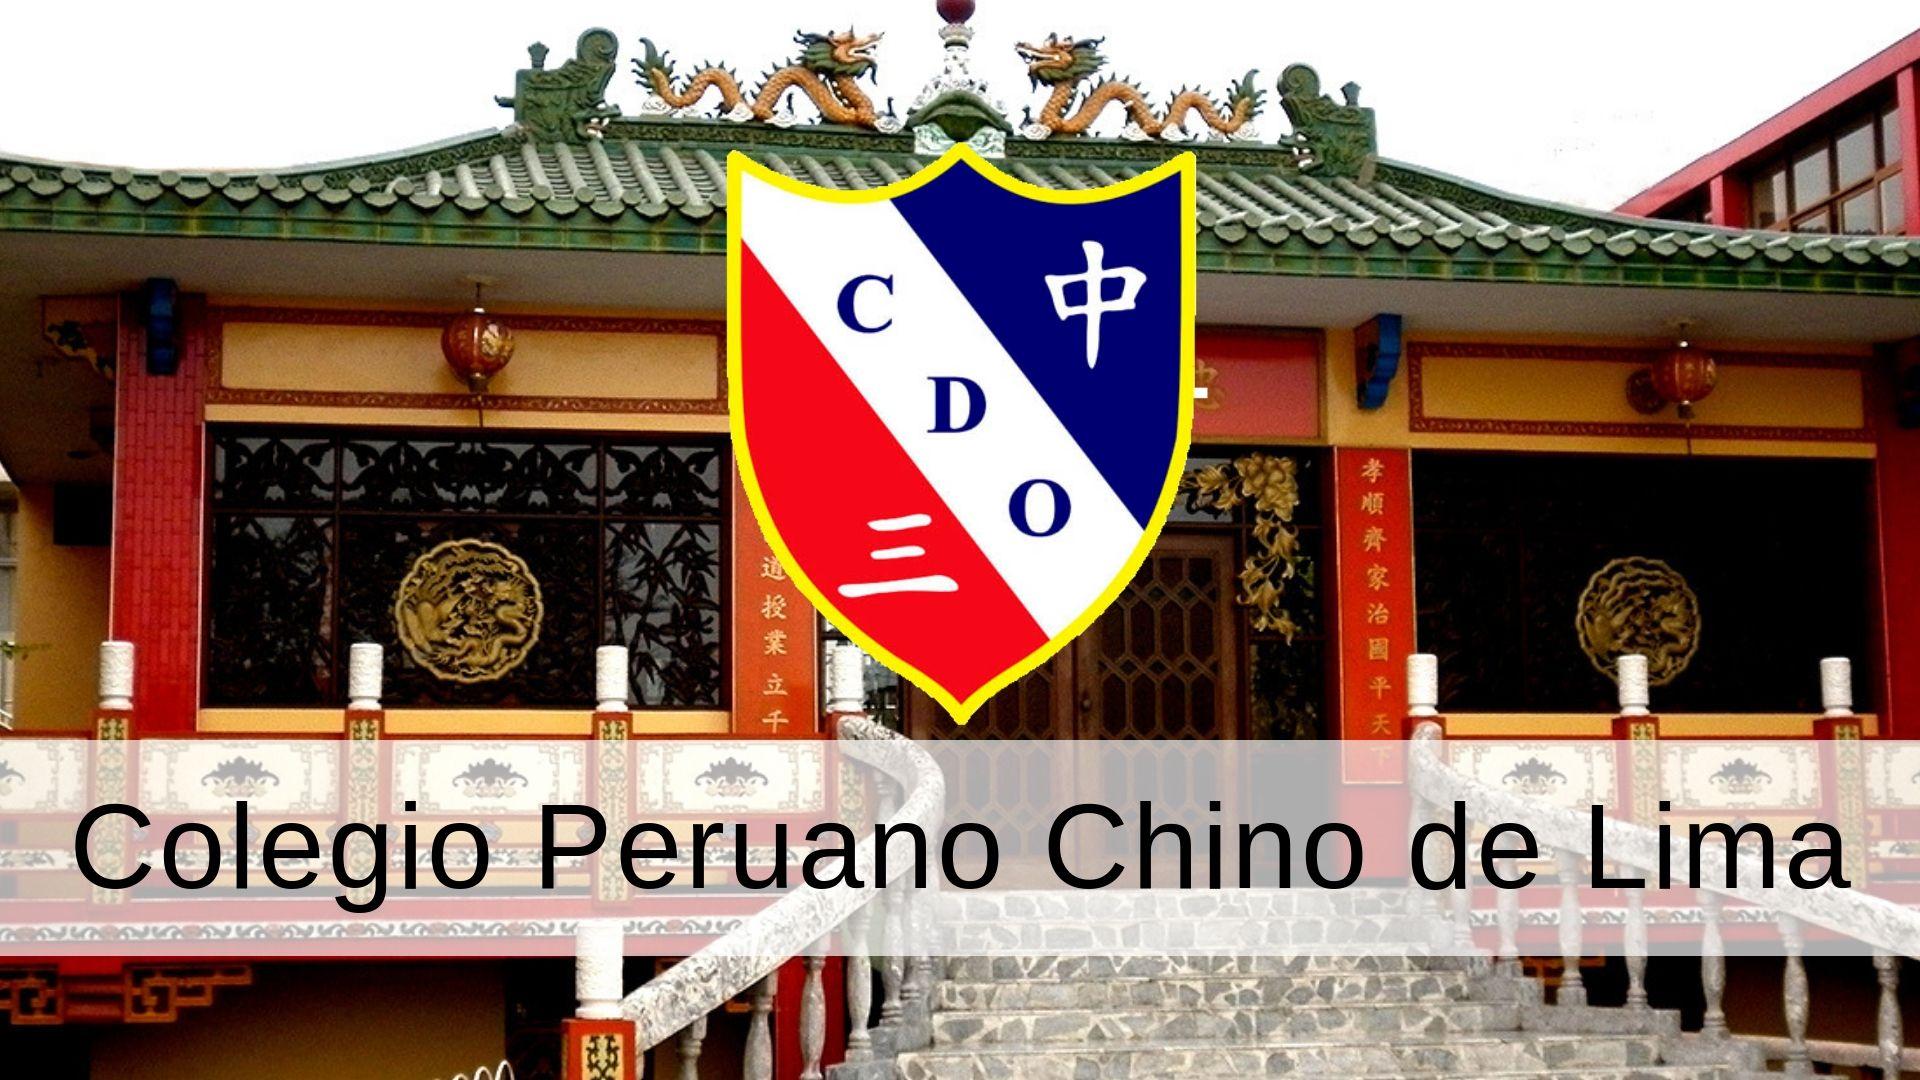 Colegio Peruano Chino de Lima